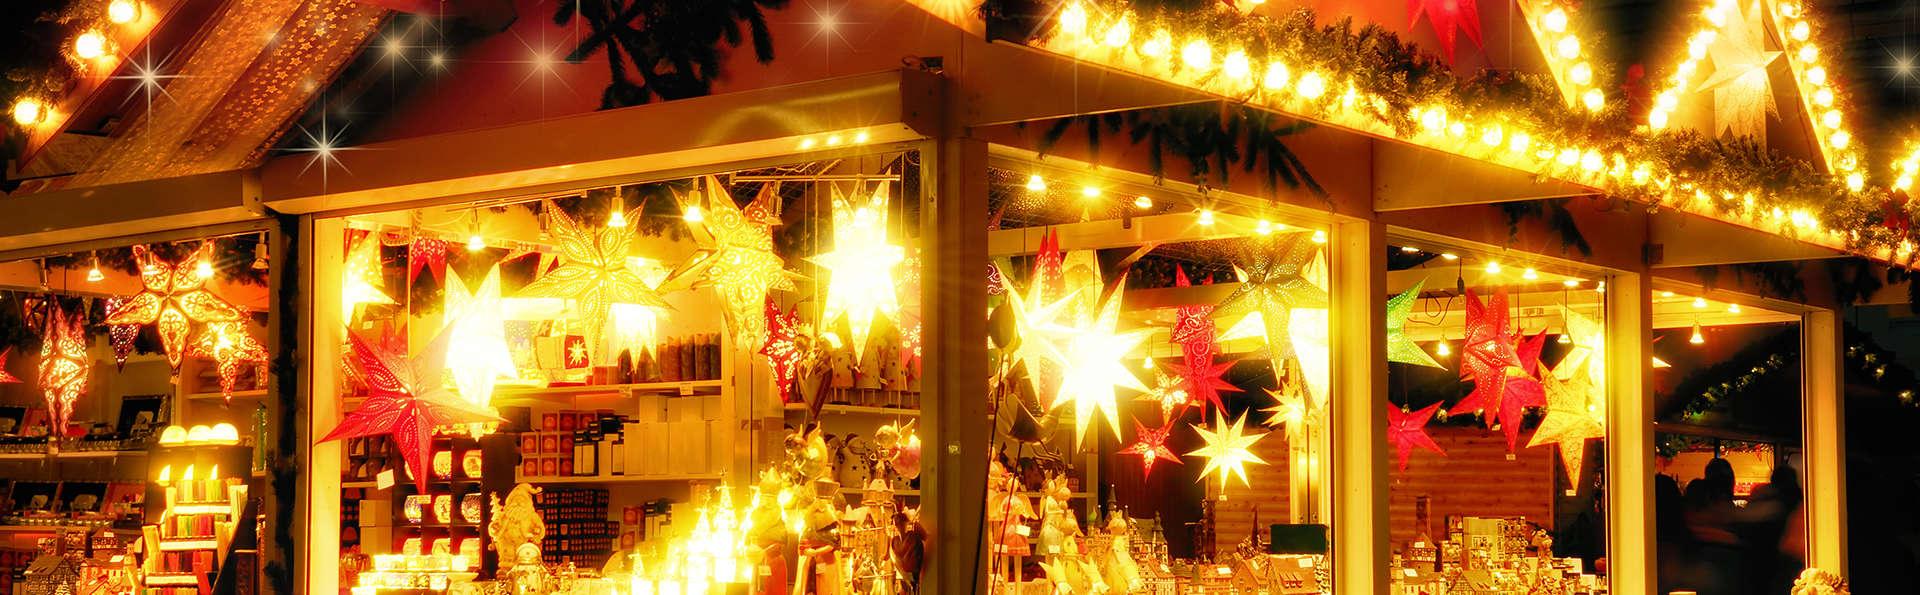 Vivez un Noël magique au cœur de l'Alsace